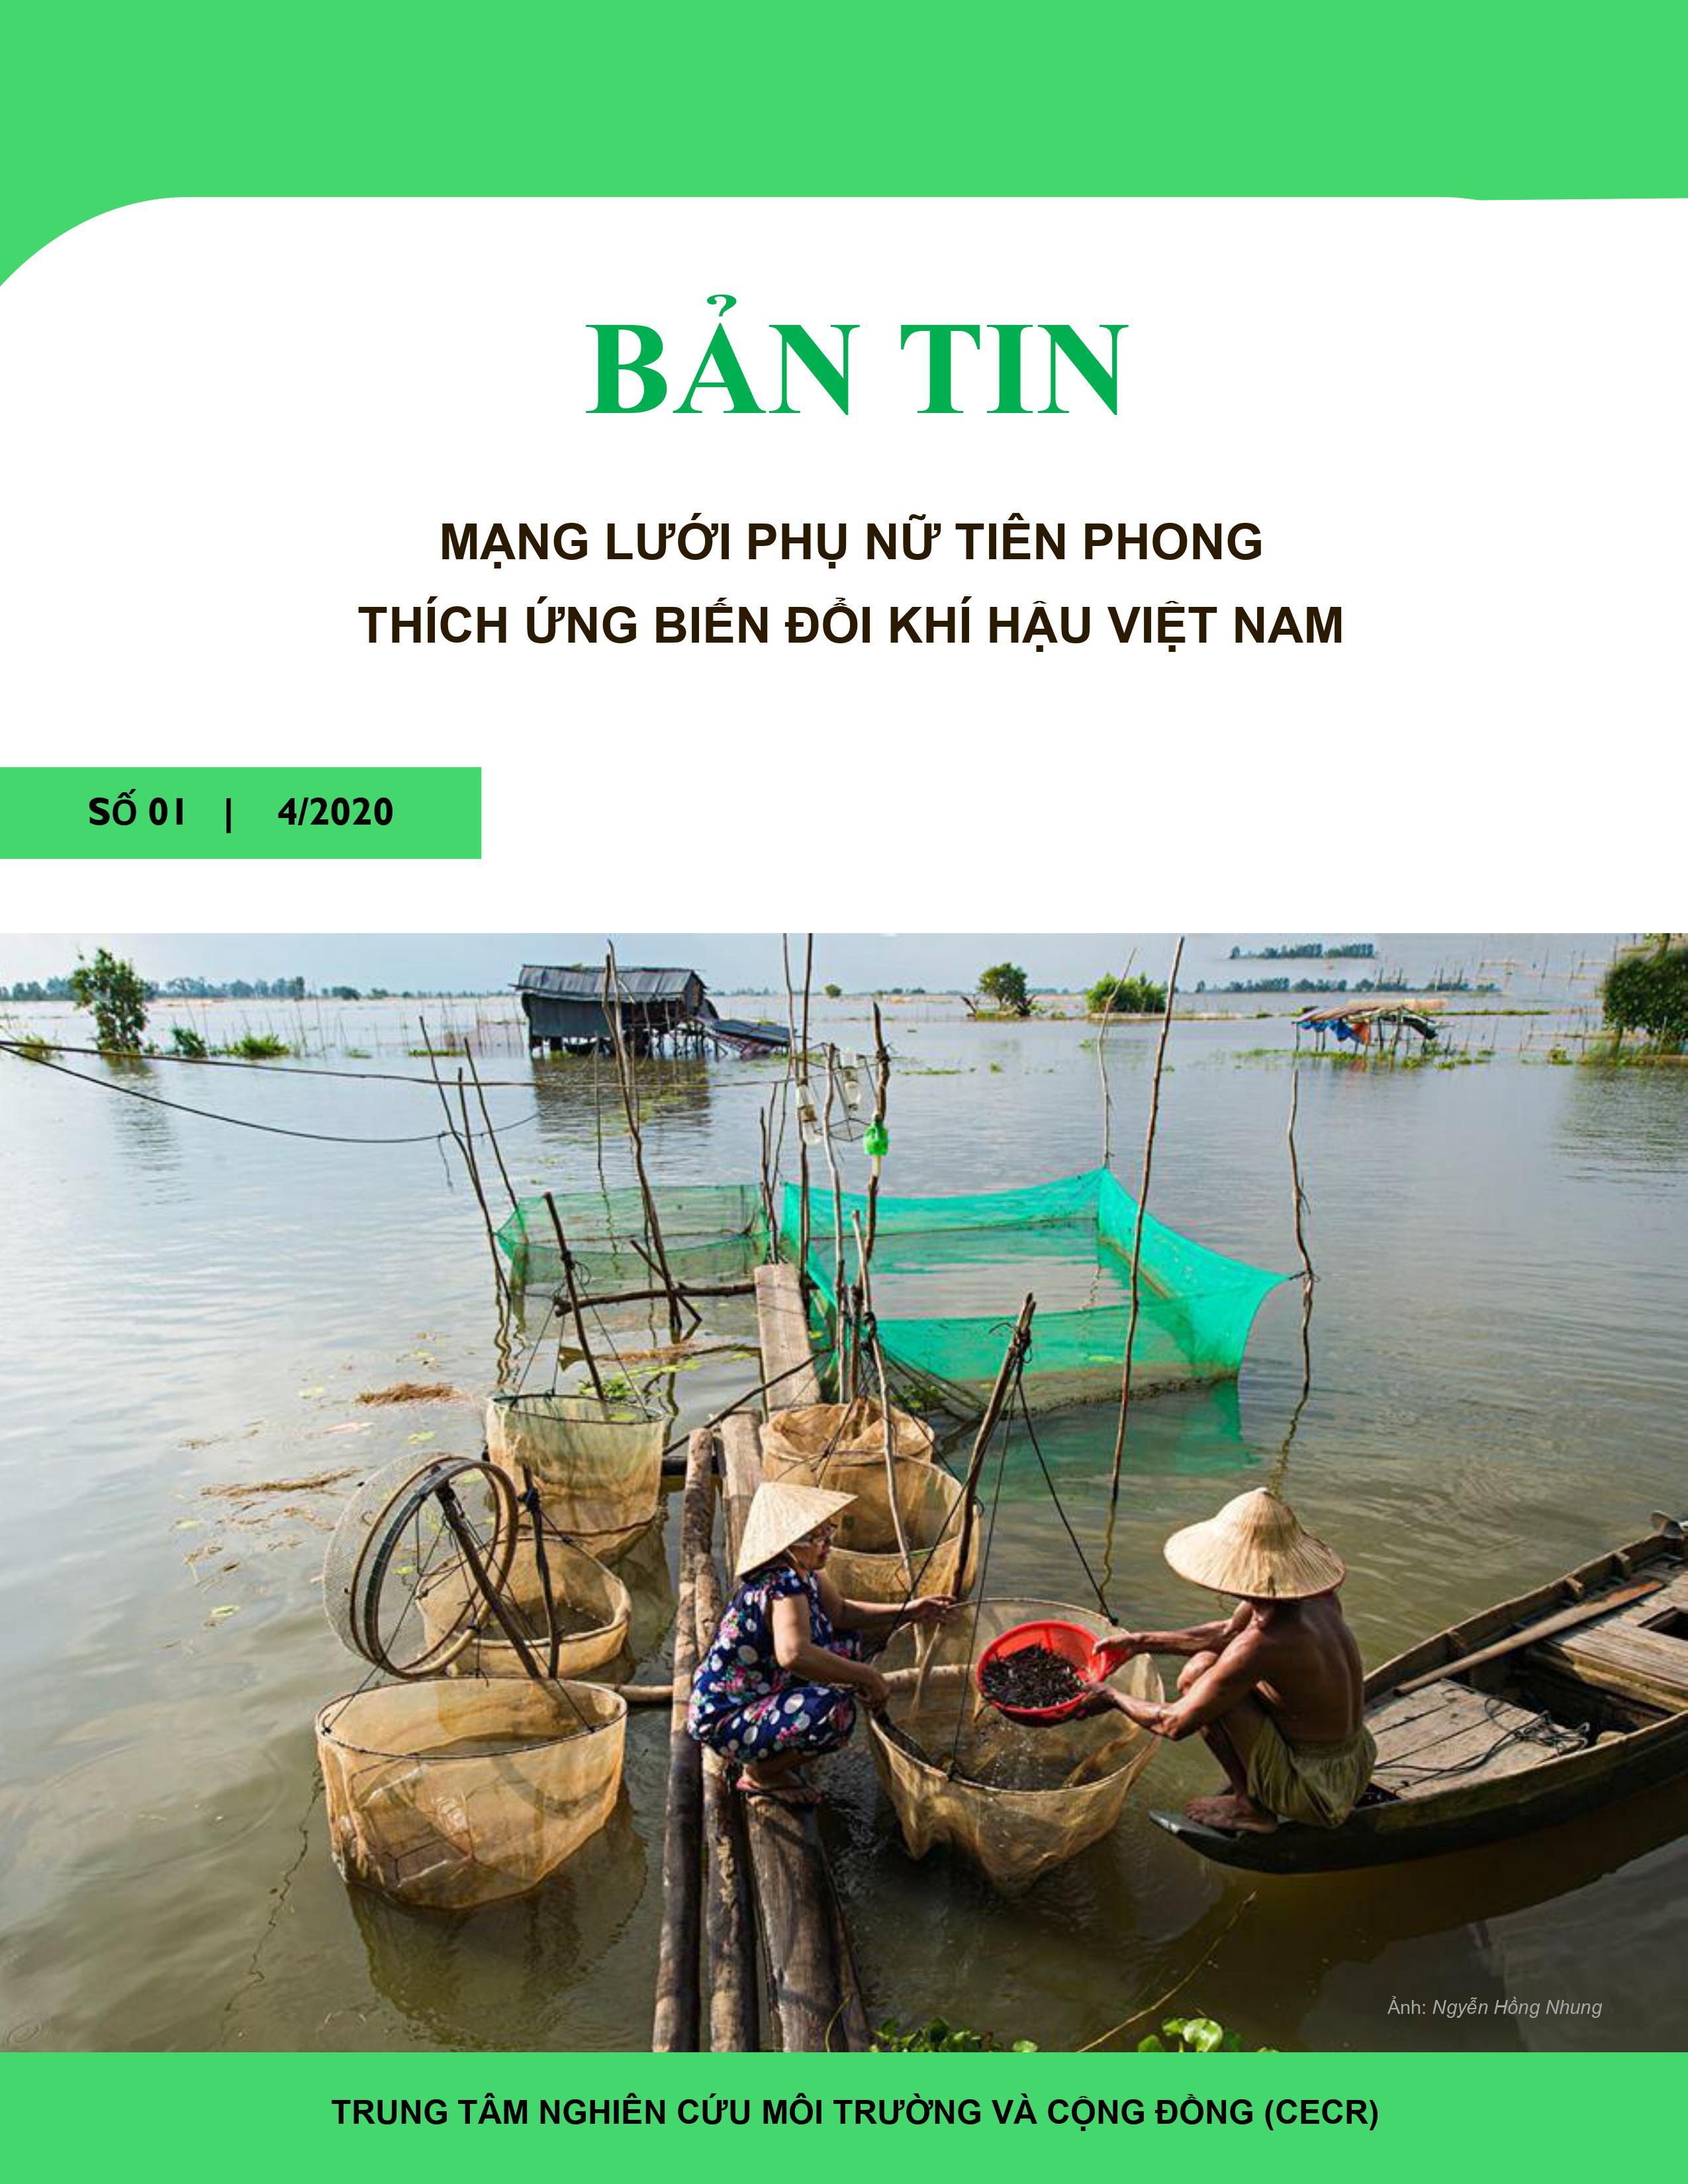 Bản tin điện tử Mạng lưới Phụ nữ Tiên phong Thích ứng BĐKH Việt Nam 01 tháng 4/2020